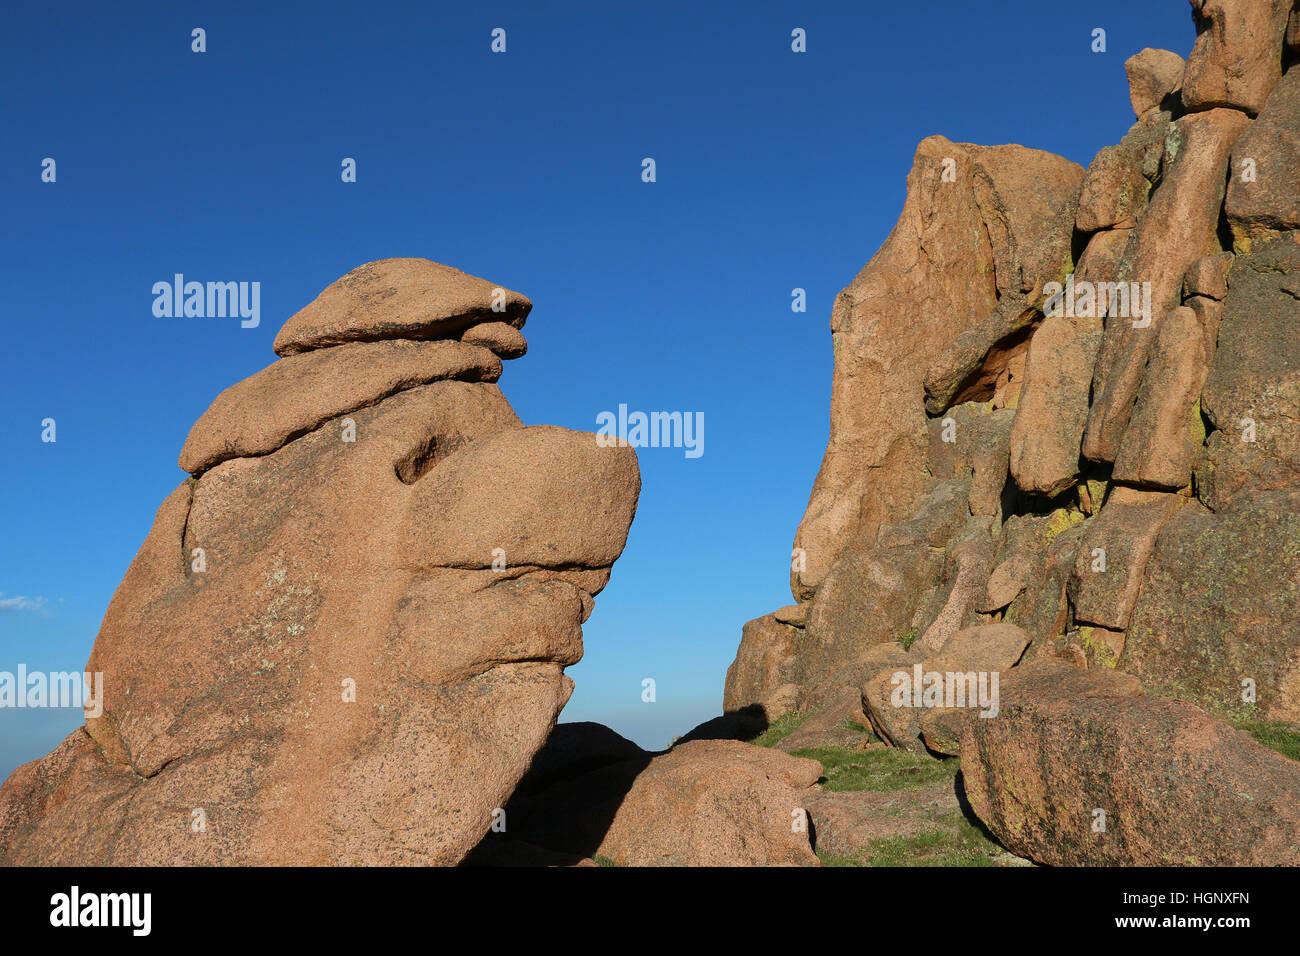 El rostro como roca Parque Jardín de los dioses de las Montañas Rocosas de Colorado Foto de stock